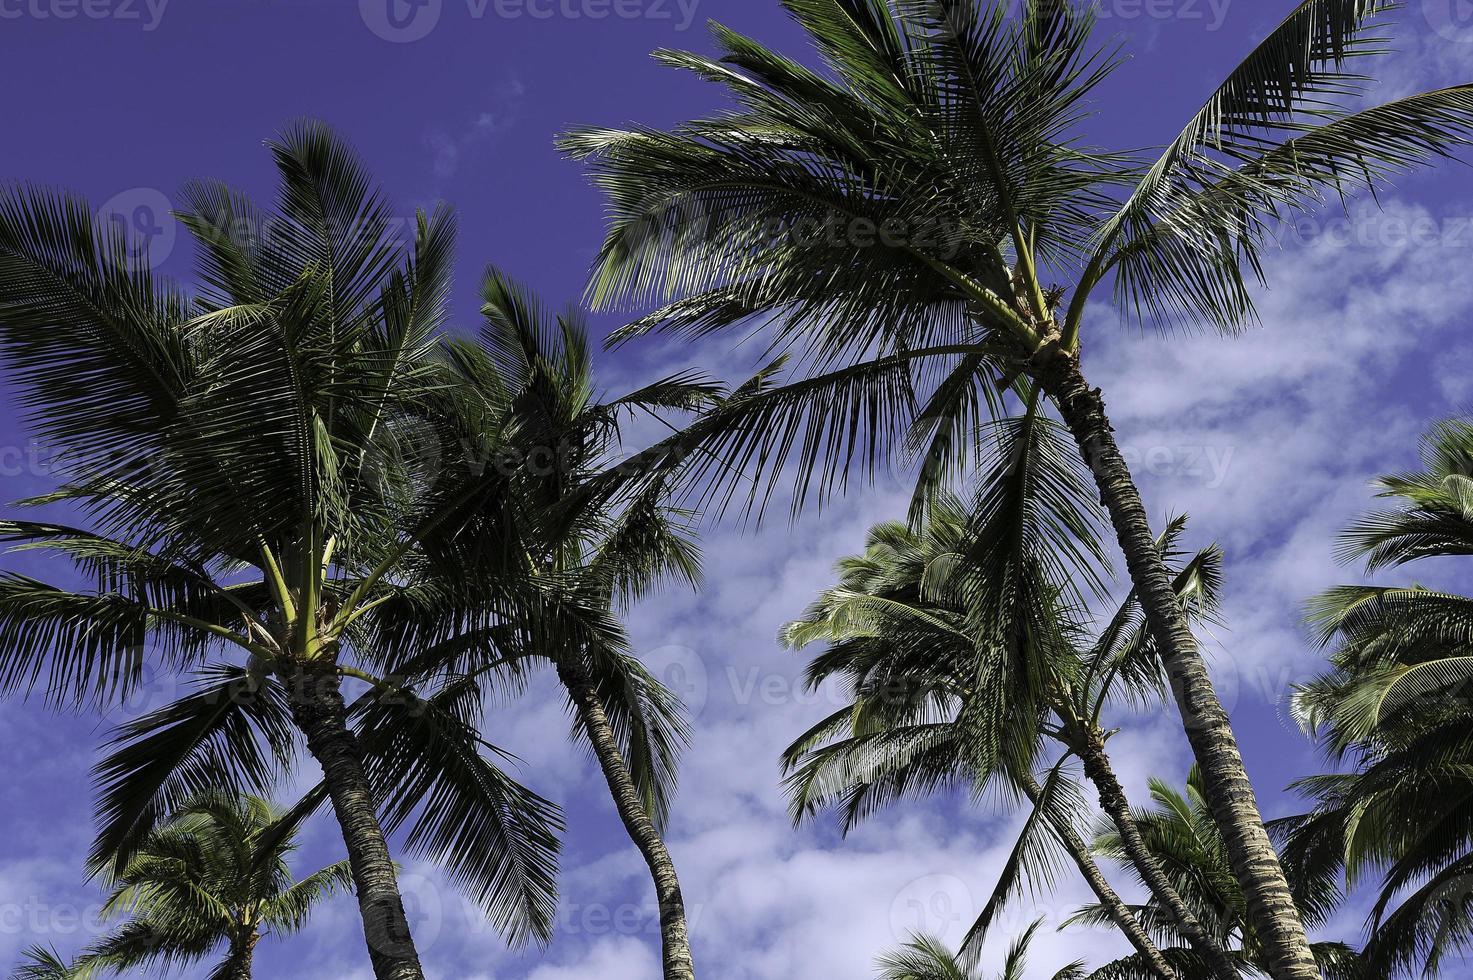 kailua-kona palmträd foto